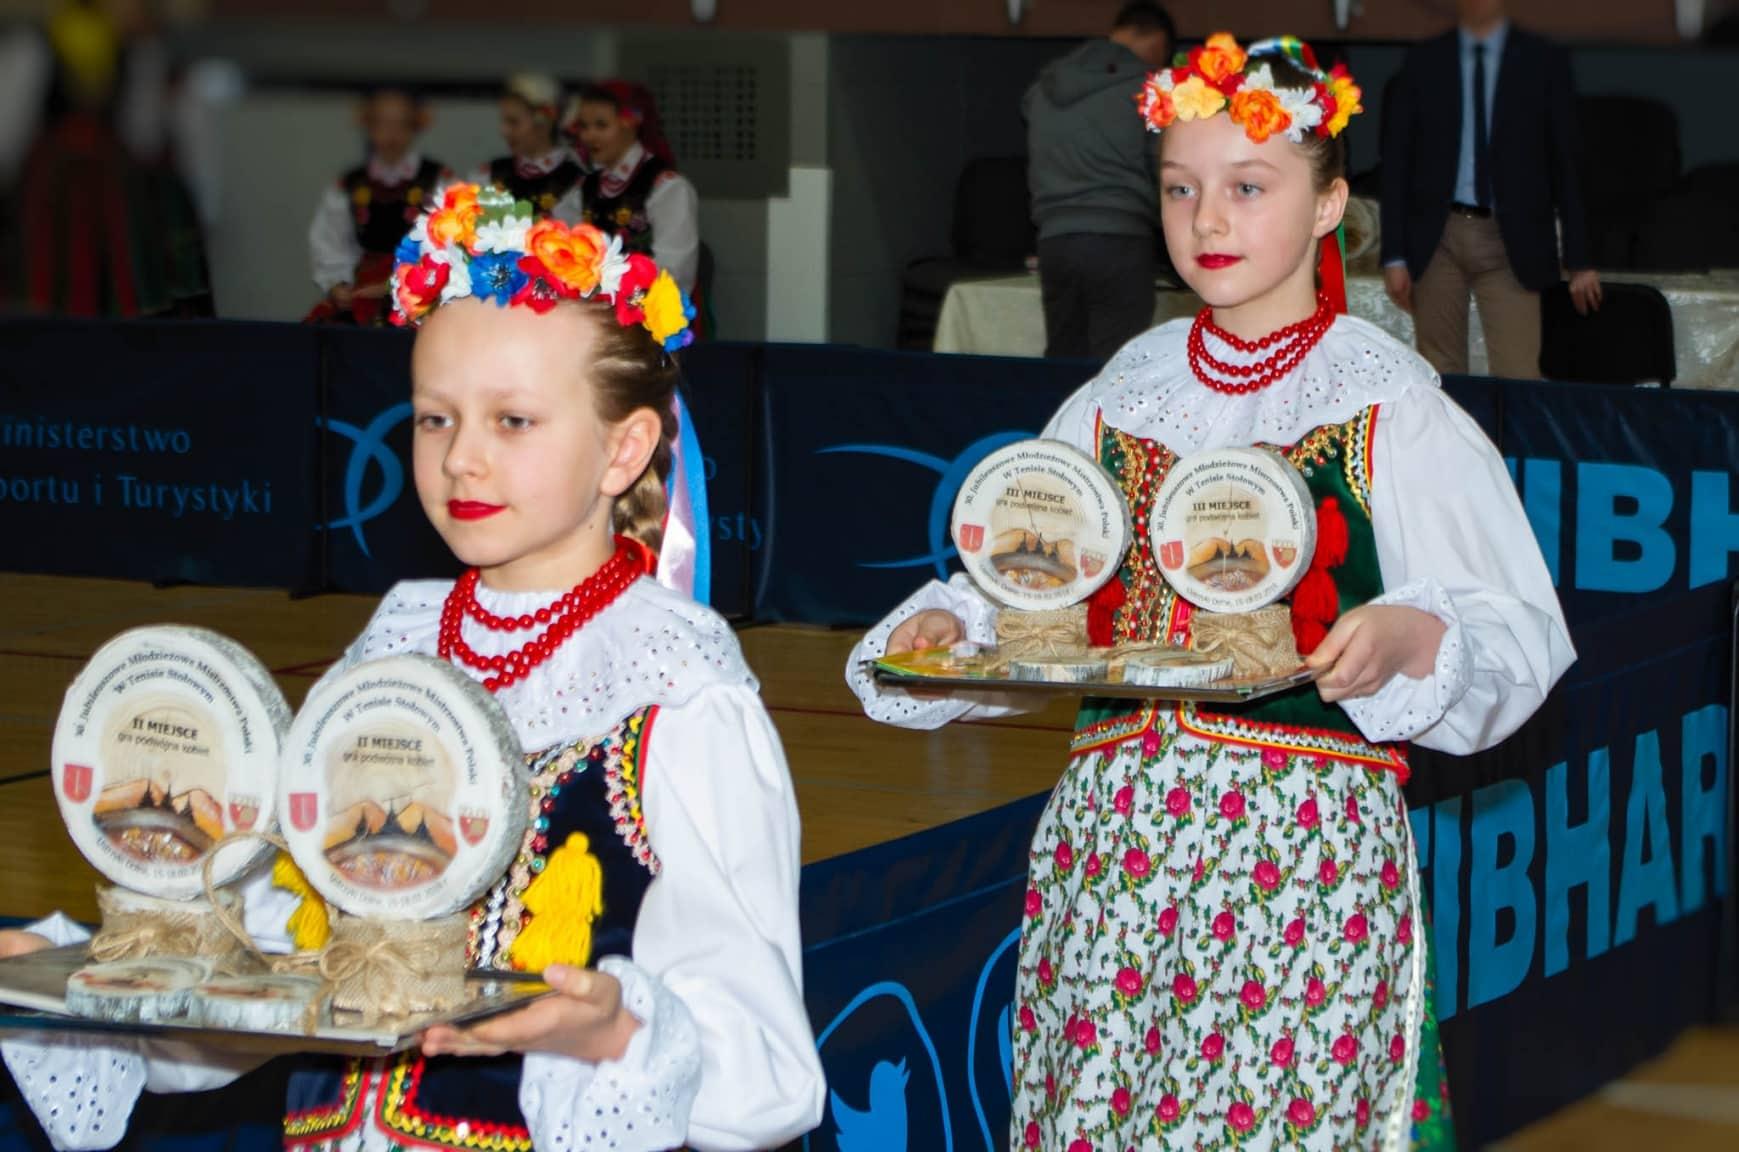 Finał 30. Młodzieżowych Mistrzostw Polski w tenisie stołowym - ceremonia wręczenia medali i zamknięcia Mistrzostw.